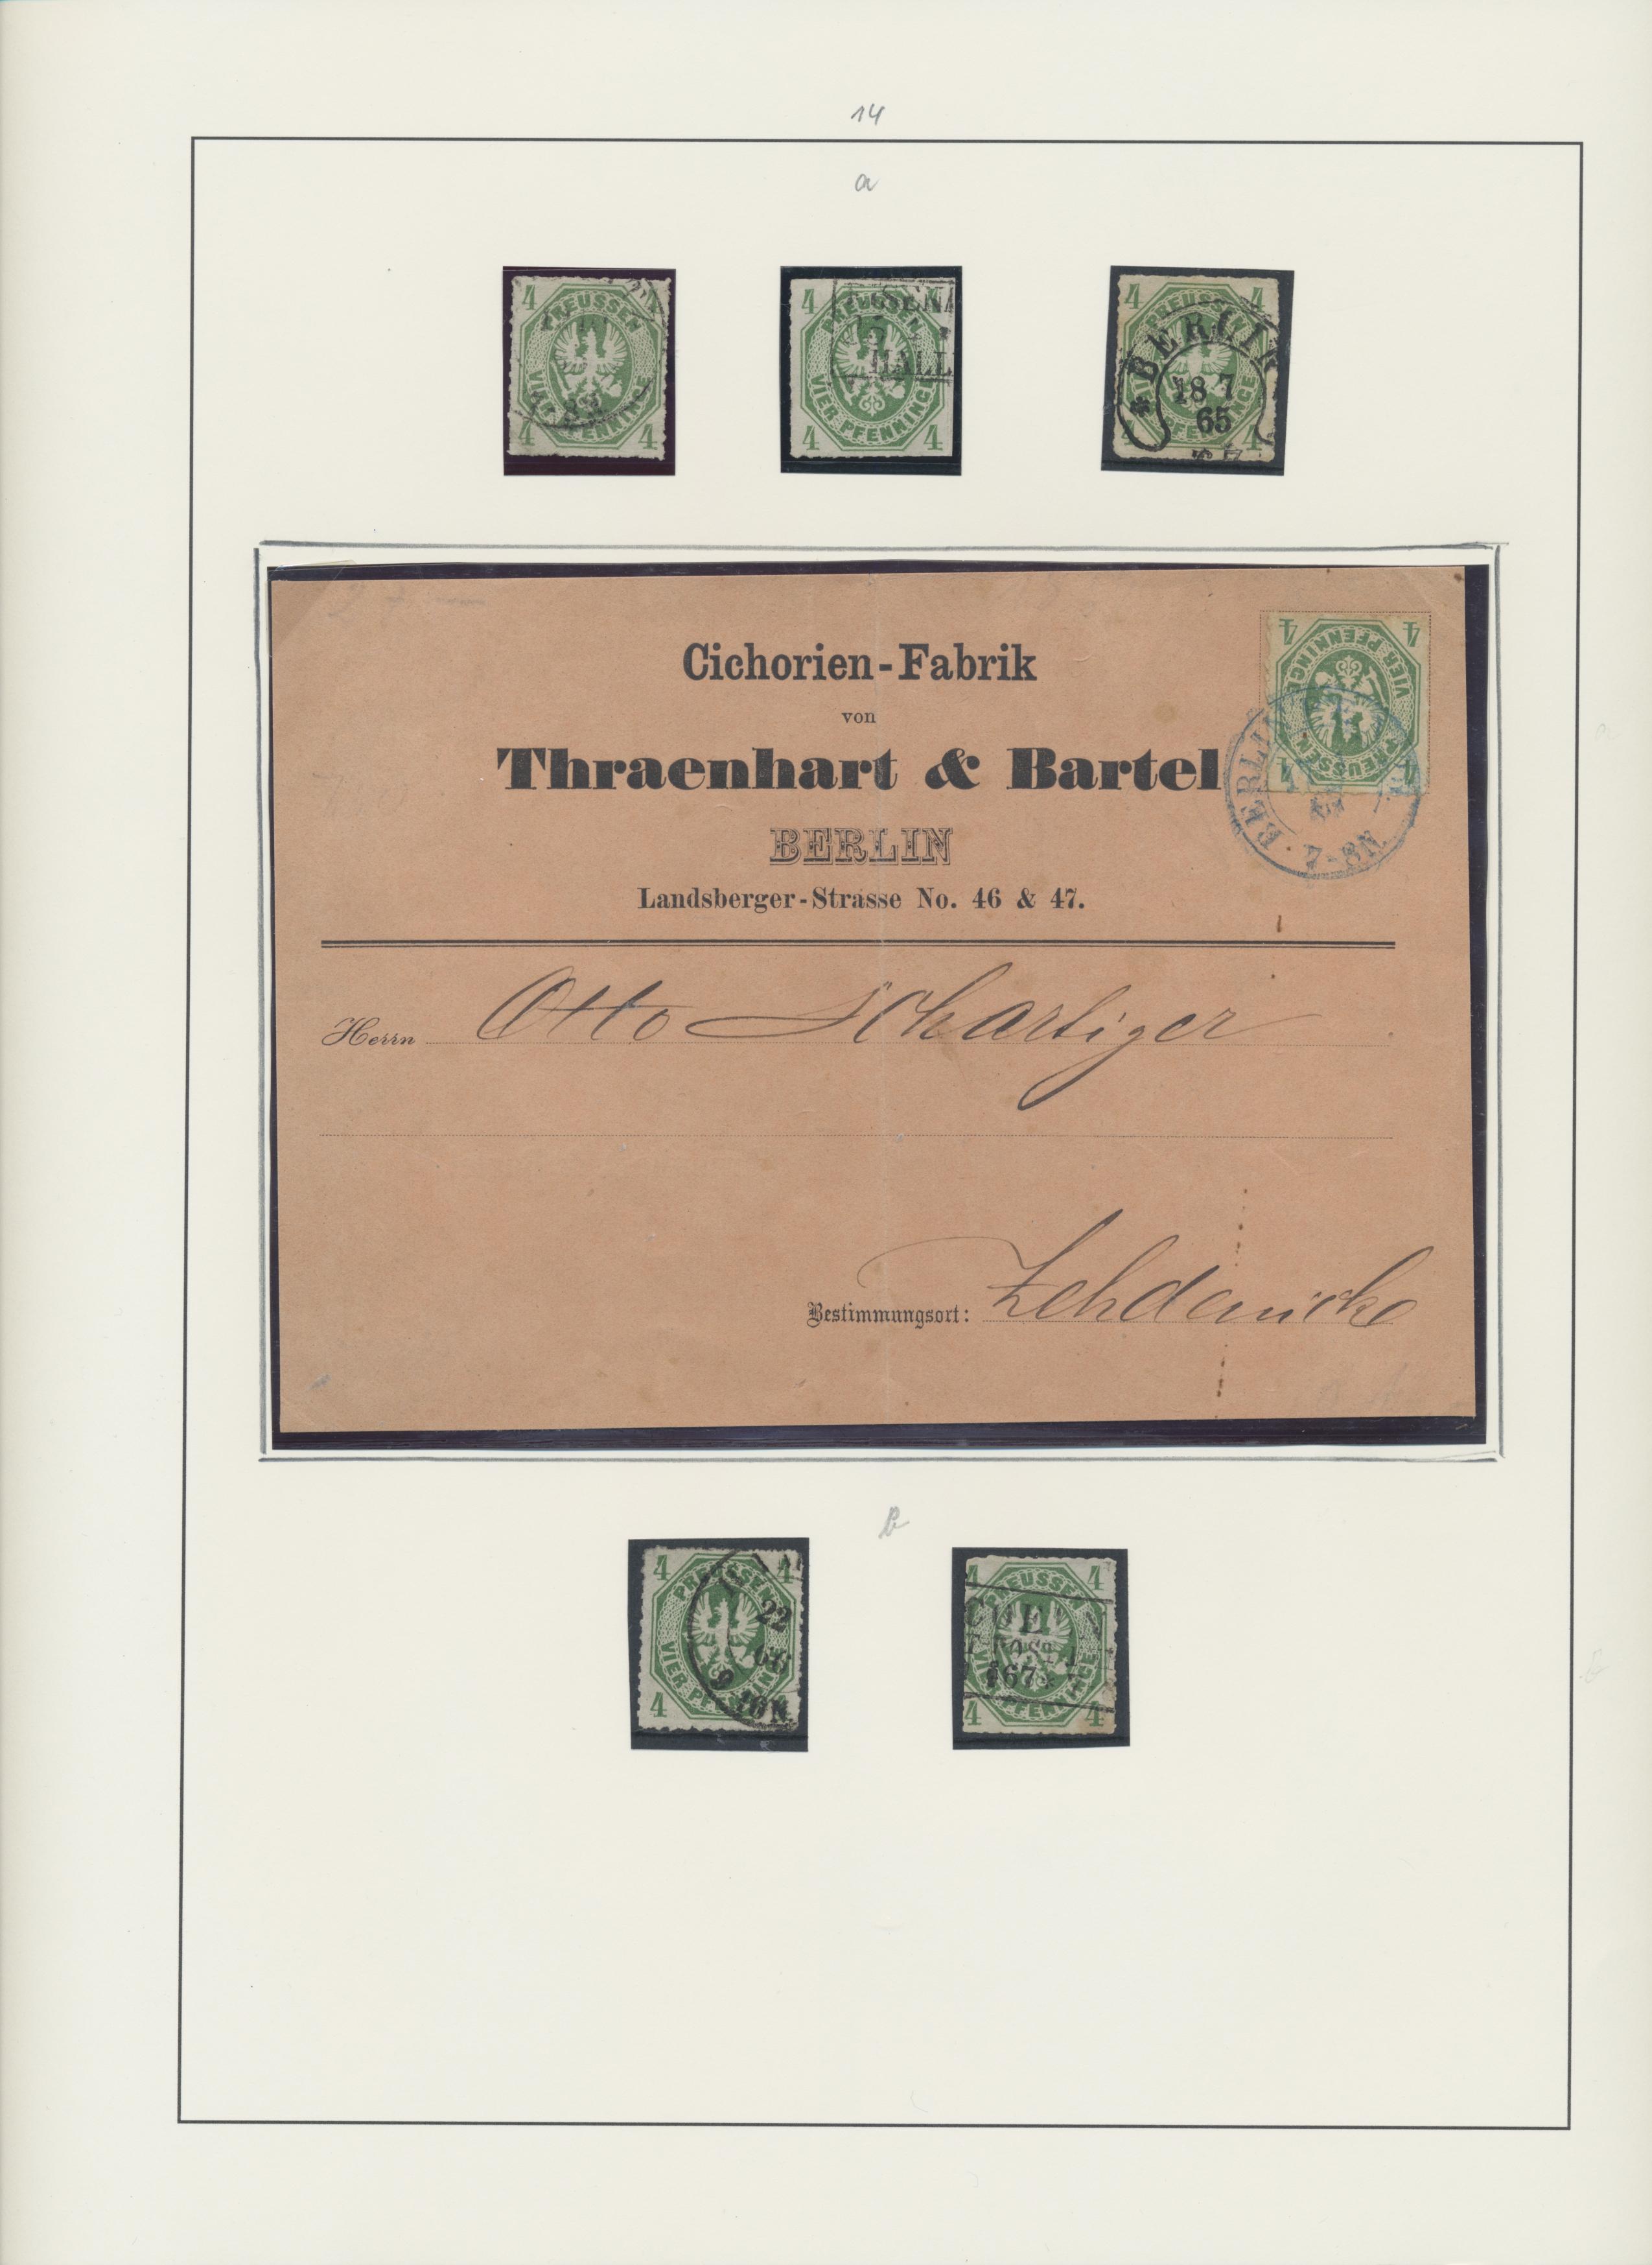 Lot 22885 - Preußen - Marken und Briefe  -  Auktionshaus Christoph Gärtner GmbH & Co. KG 50th Auction Anniversary Auction - Day 7